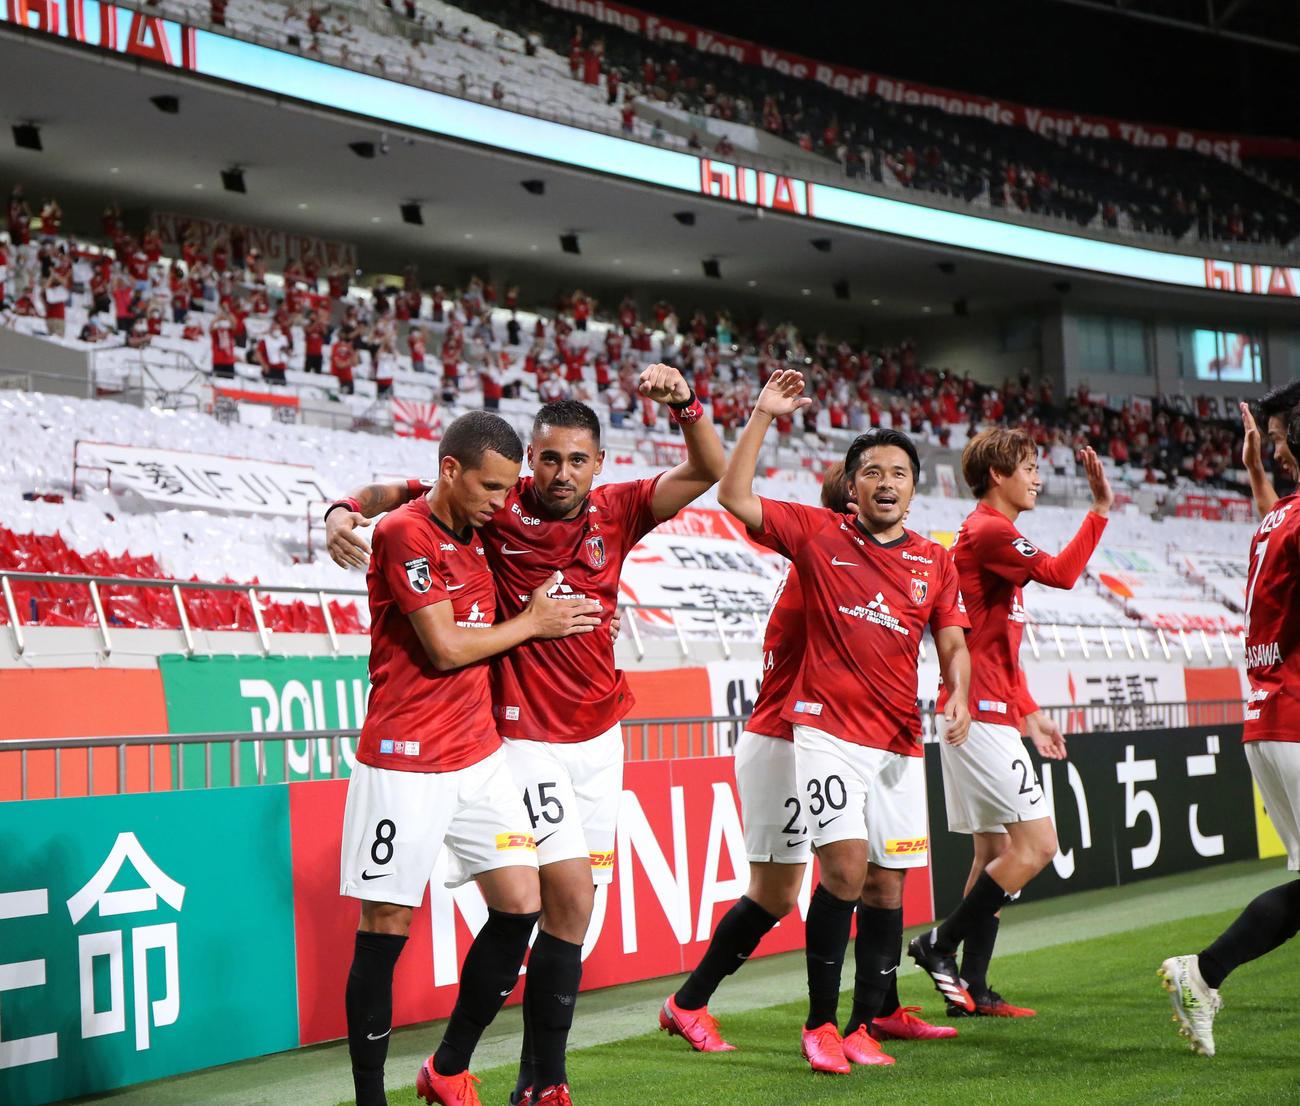 浦和対鹿島 後半、先制ゴールを決めた浦和MFエヴェルトン(左)はイレブンに祝福される(撮影・浅見桂子)